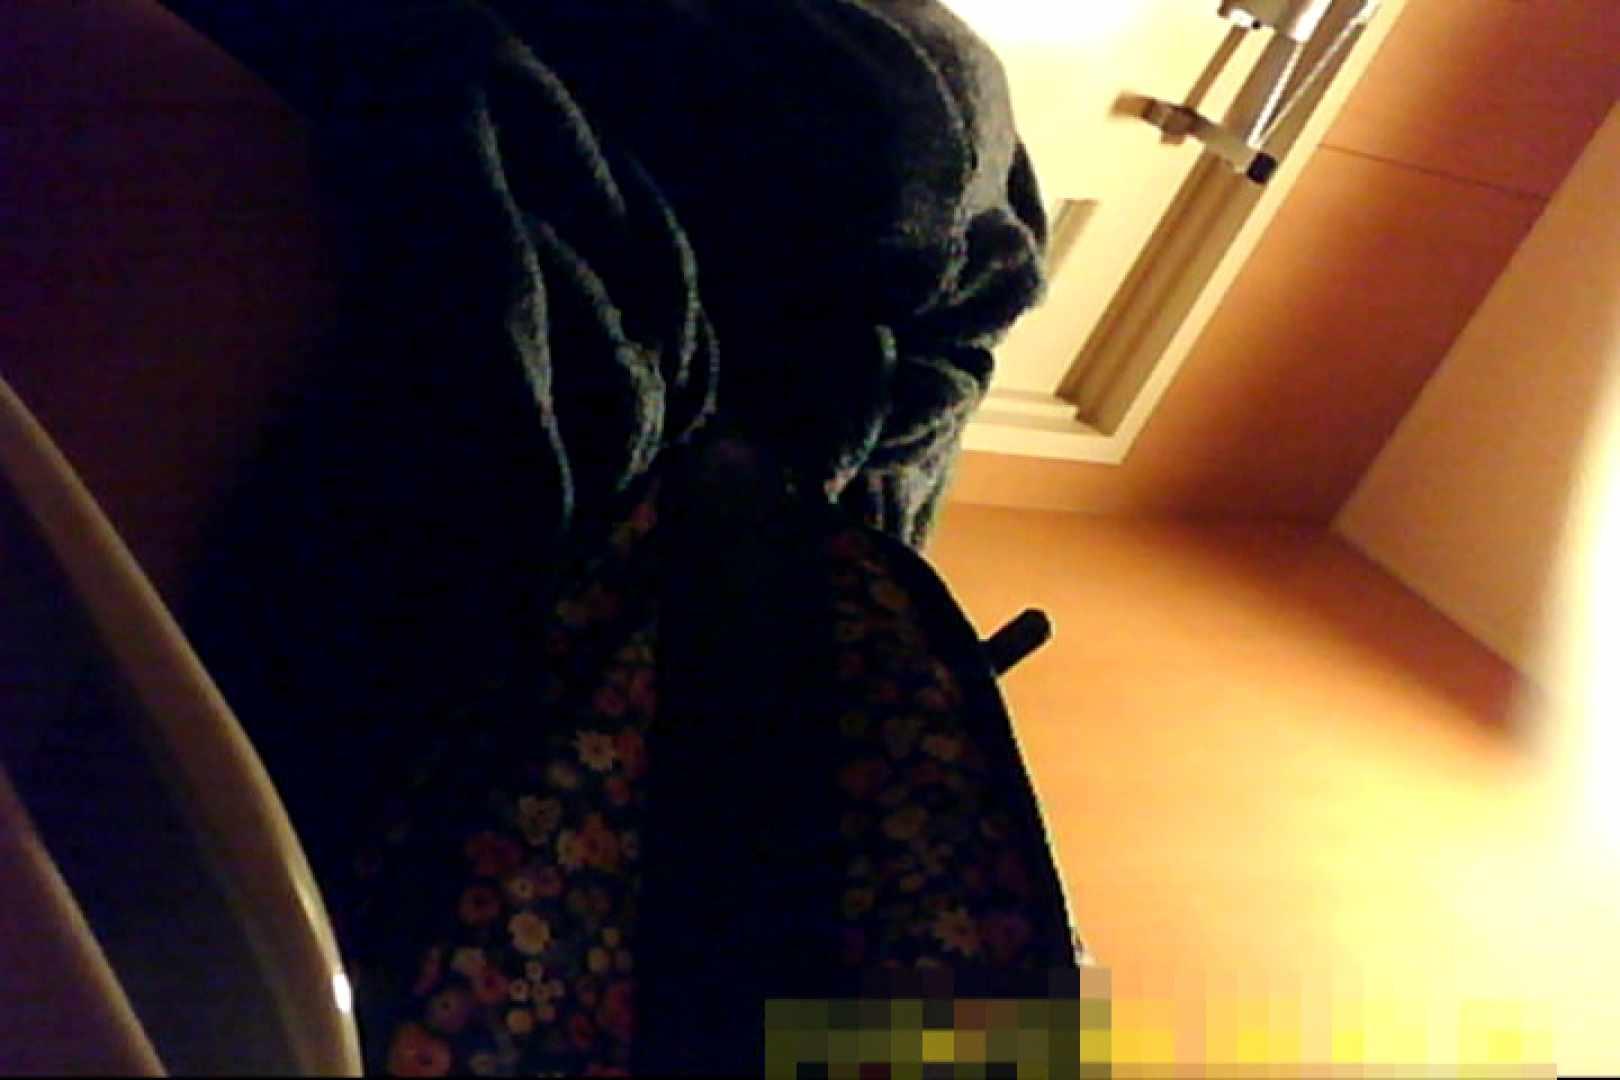 魅惑の化粧室~禁断のプライベート空間~31 盗撮映像 のぞき動画キャプチャ 101枚 47